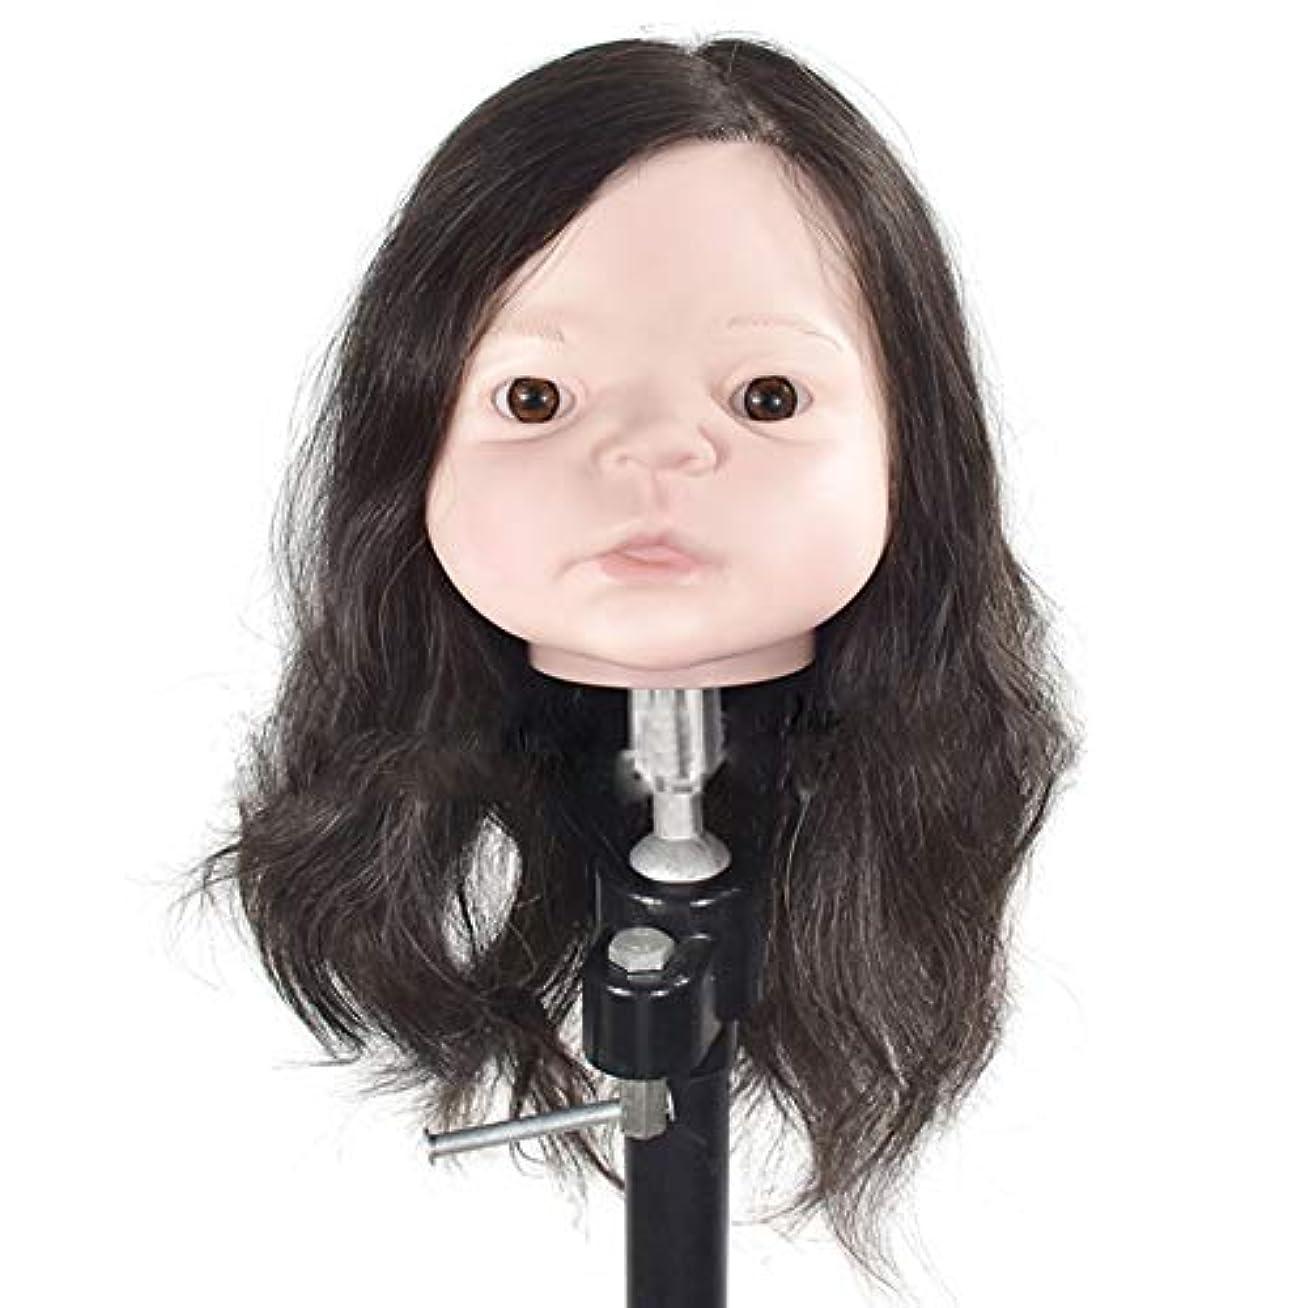 柔和もちろん一節専門の練習ホット染色漂白鋏モデリングマニアックヘッド編み髪のかつら模型人形ティーチングヘッド